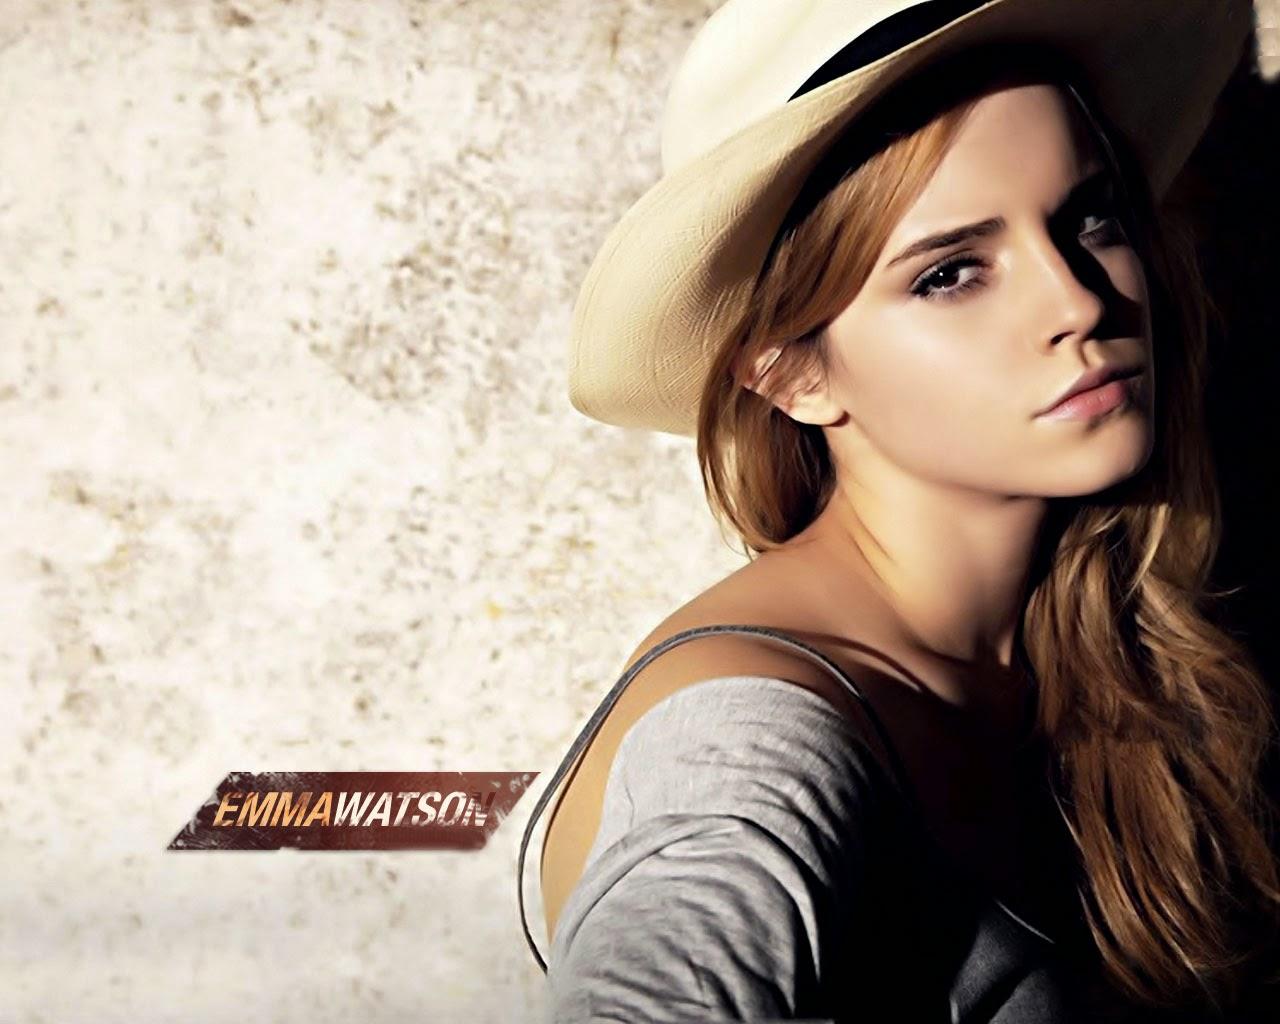 emma watson hd hot - photo #40